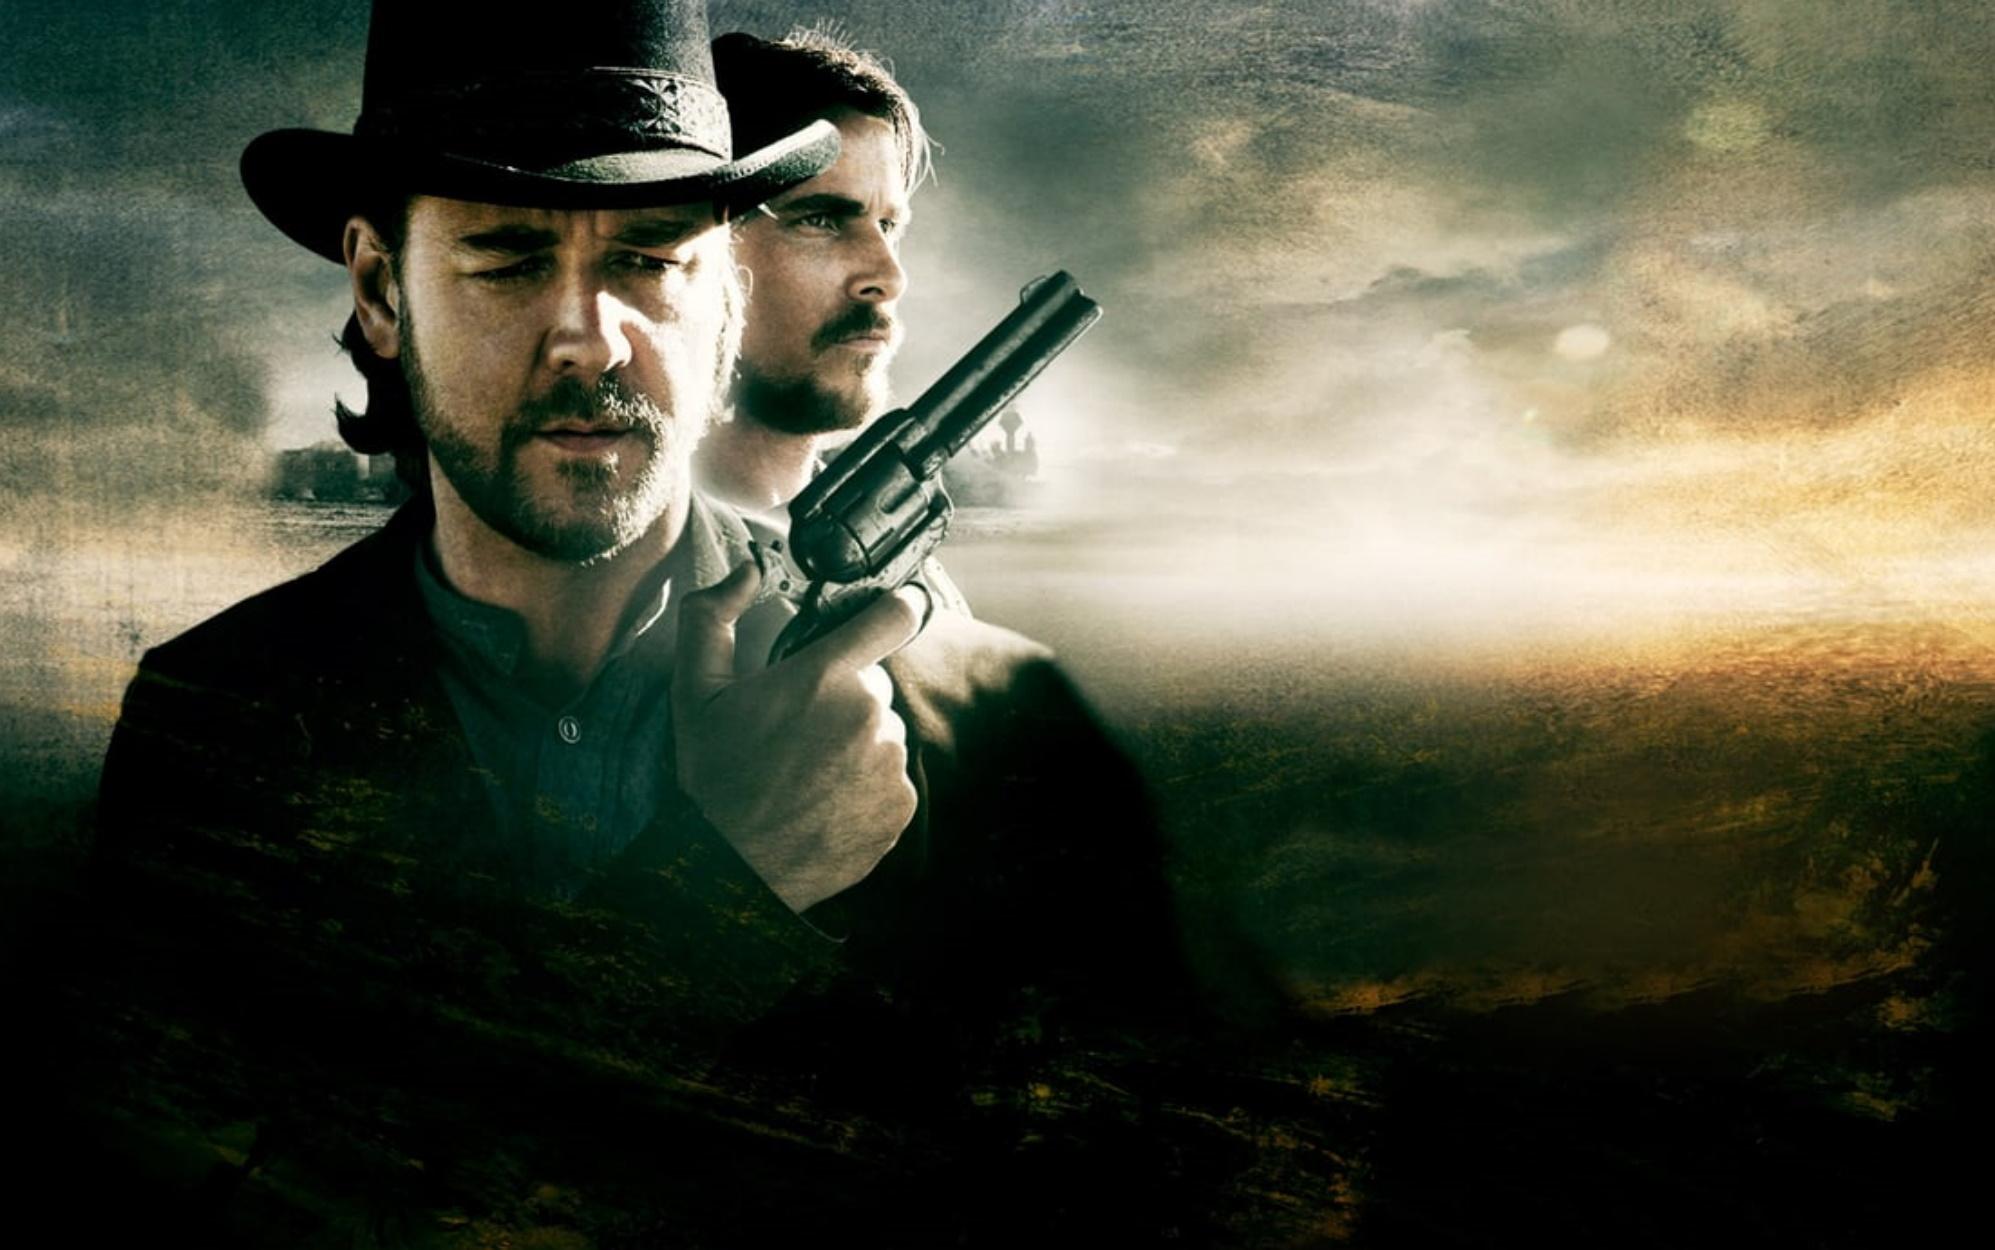 5 + 1 ταινίες αριστουργήματα του ERTFLIX για να δεις στο lockdown